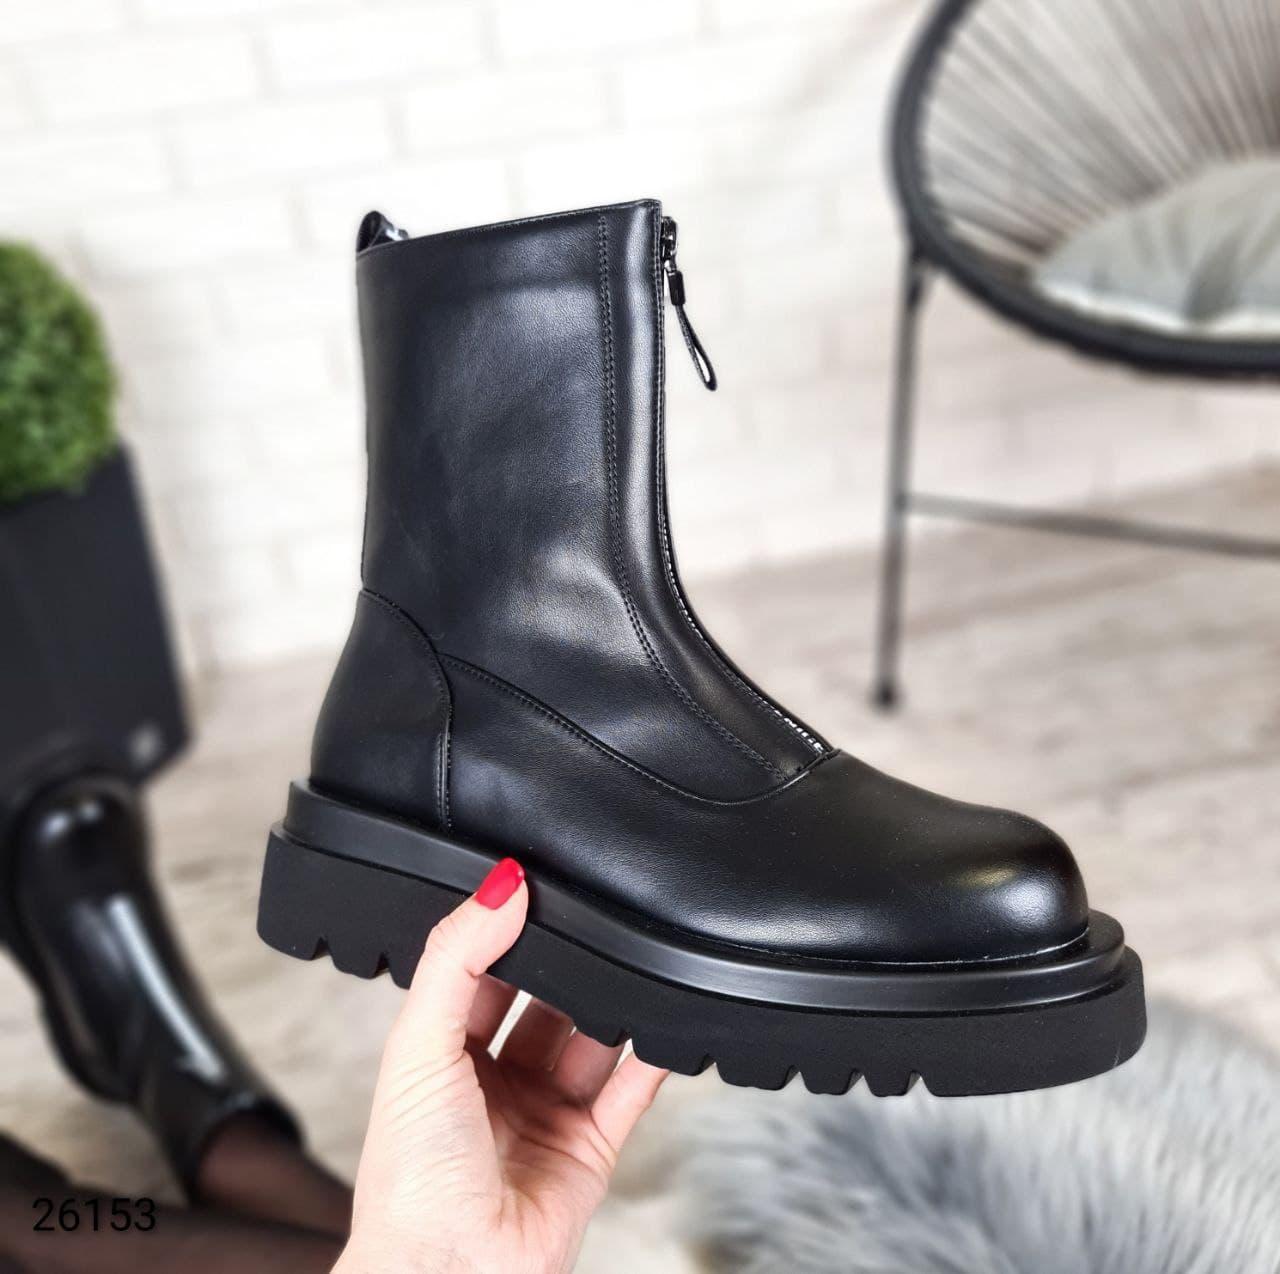 Женские демисезонные ботинки на высокой подошве и с надписями LS-26153